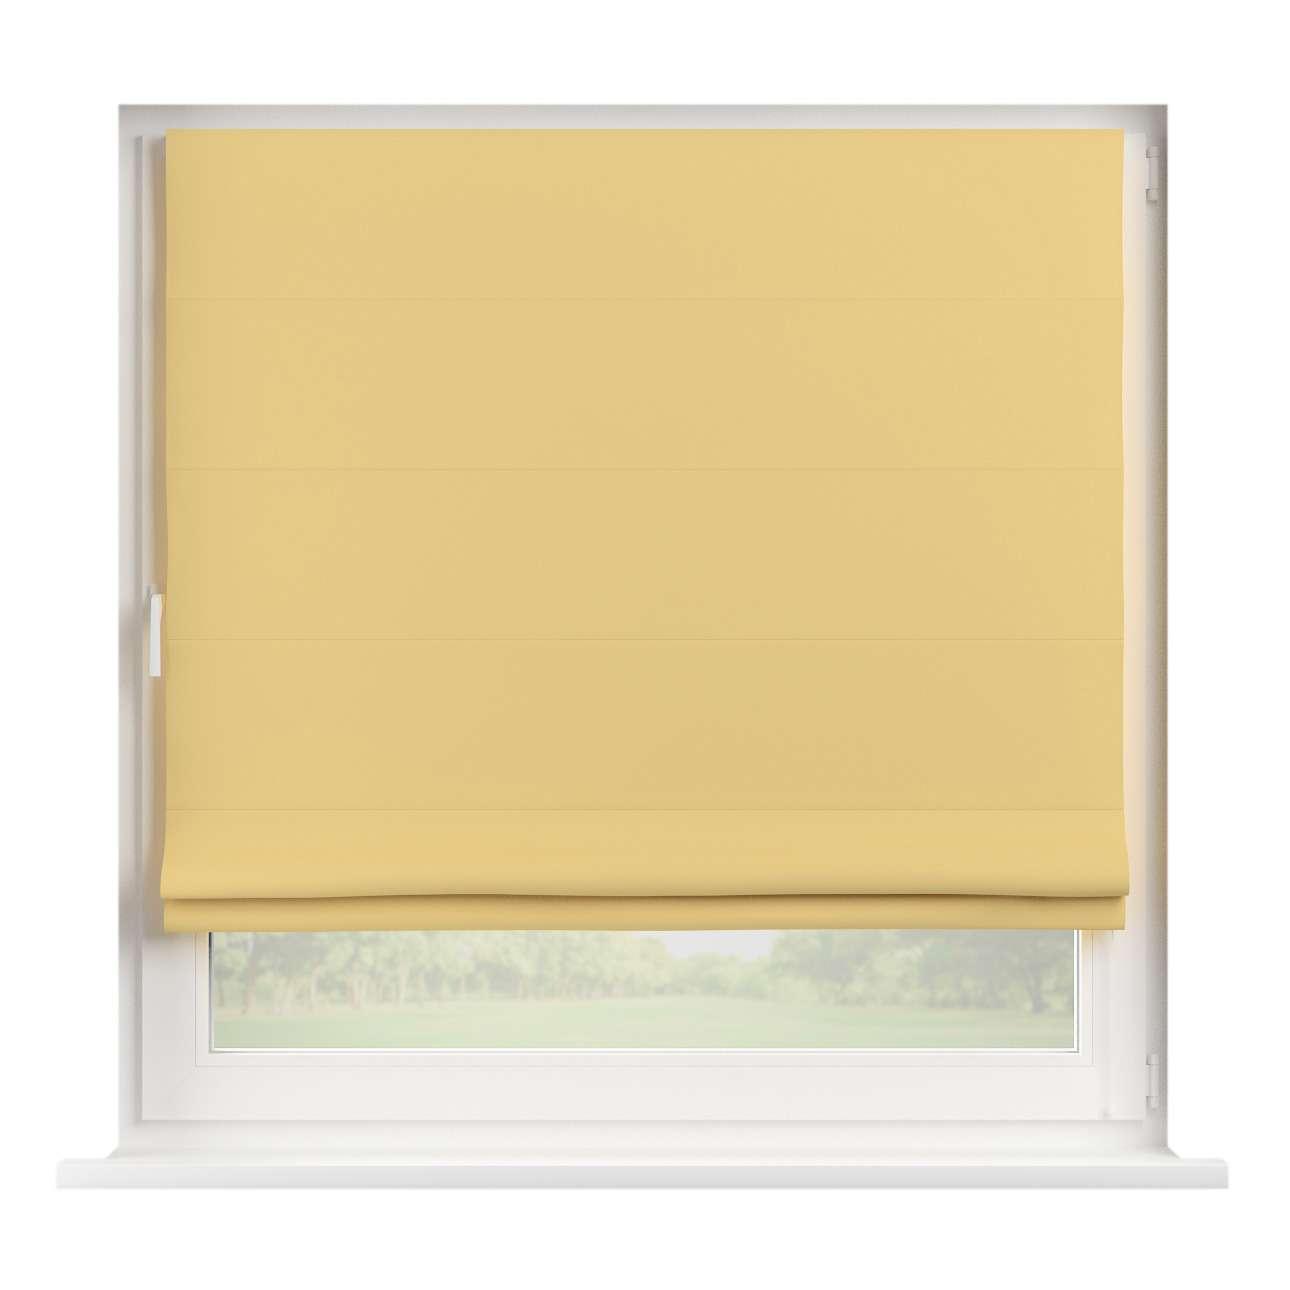 Romanetės nepralaidžios šviesai (Blackout) 80 x 170 cm kolekcijoje Blackout, audinys: 269-12